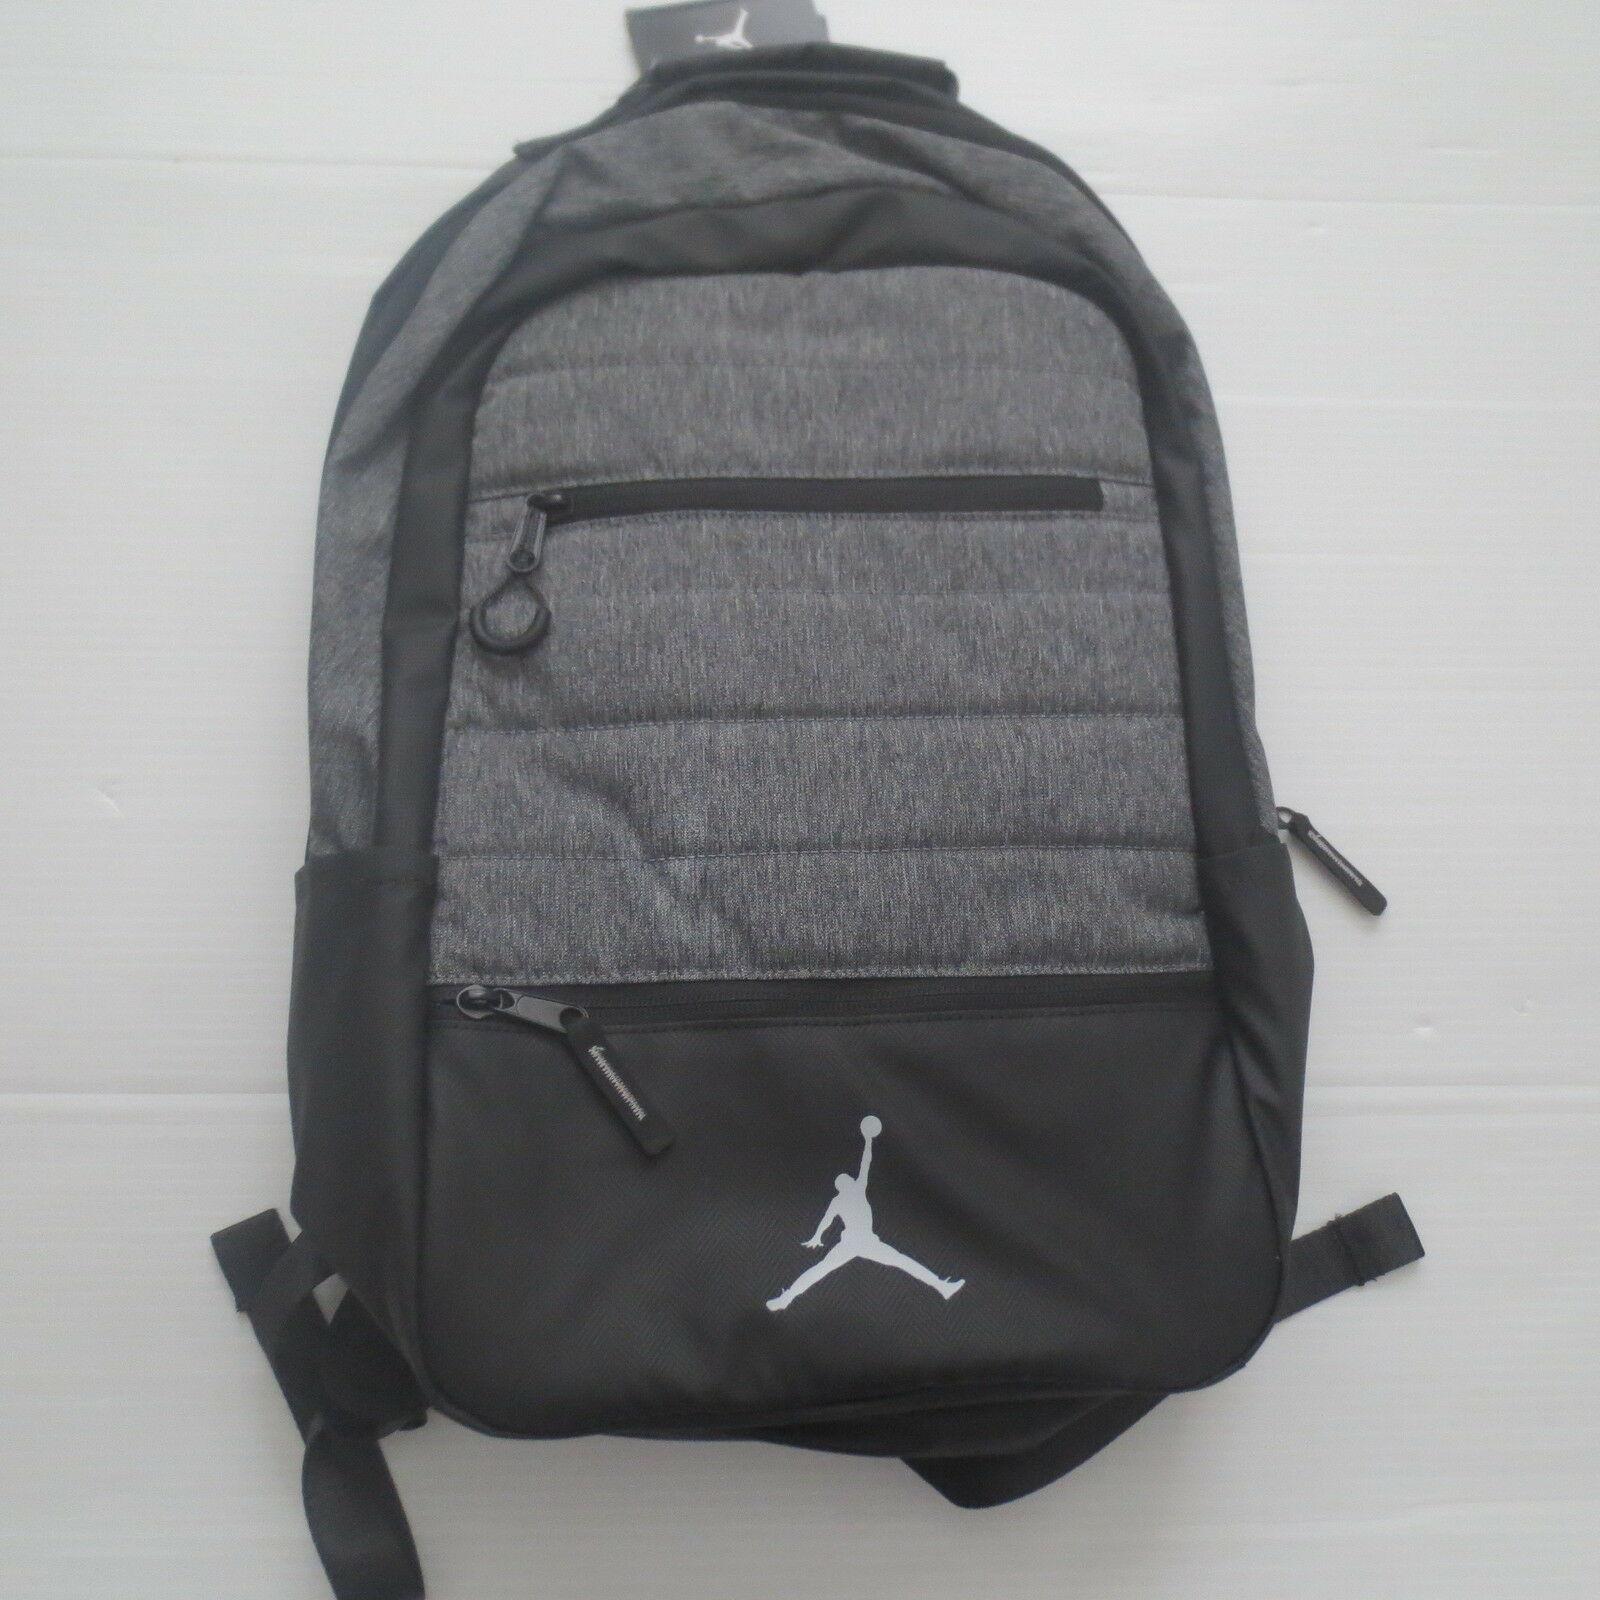 Nike Jordan Airborne Backpack - 9A1944 - Gray - NWT